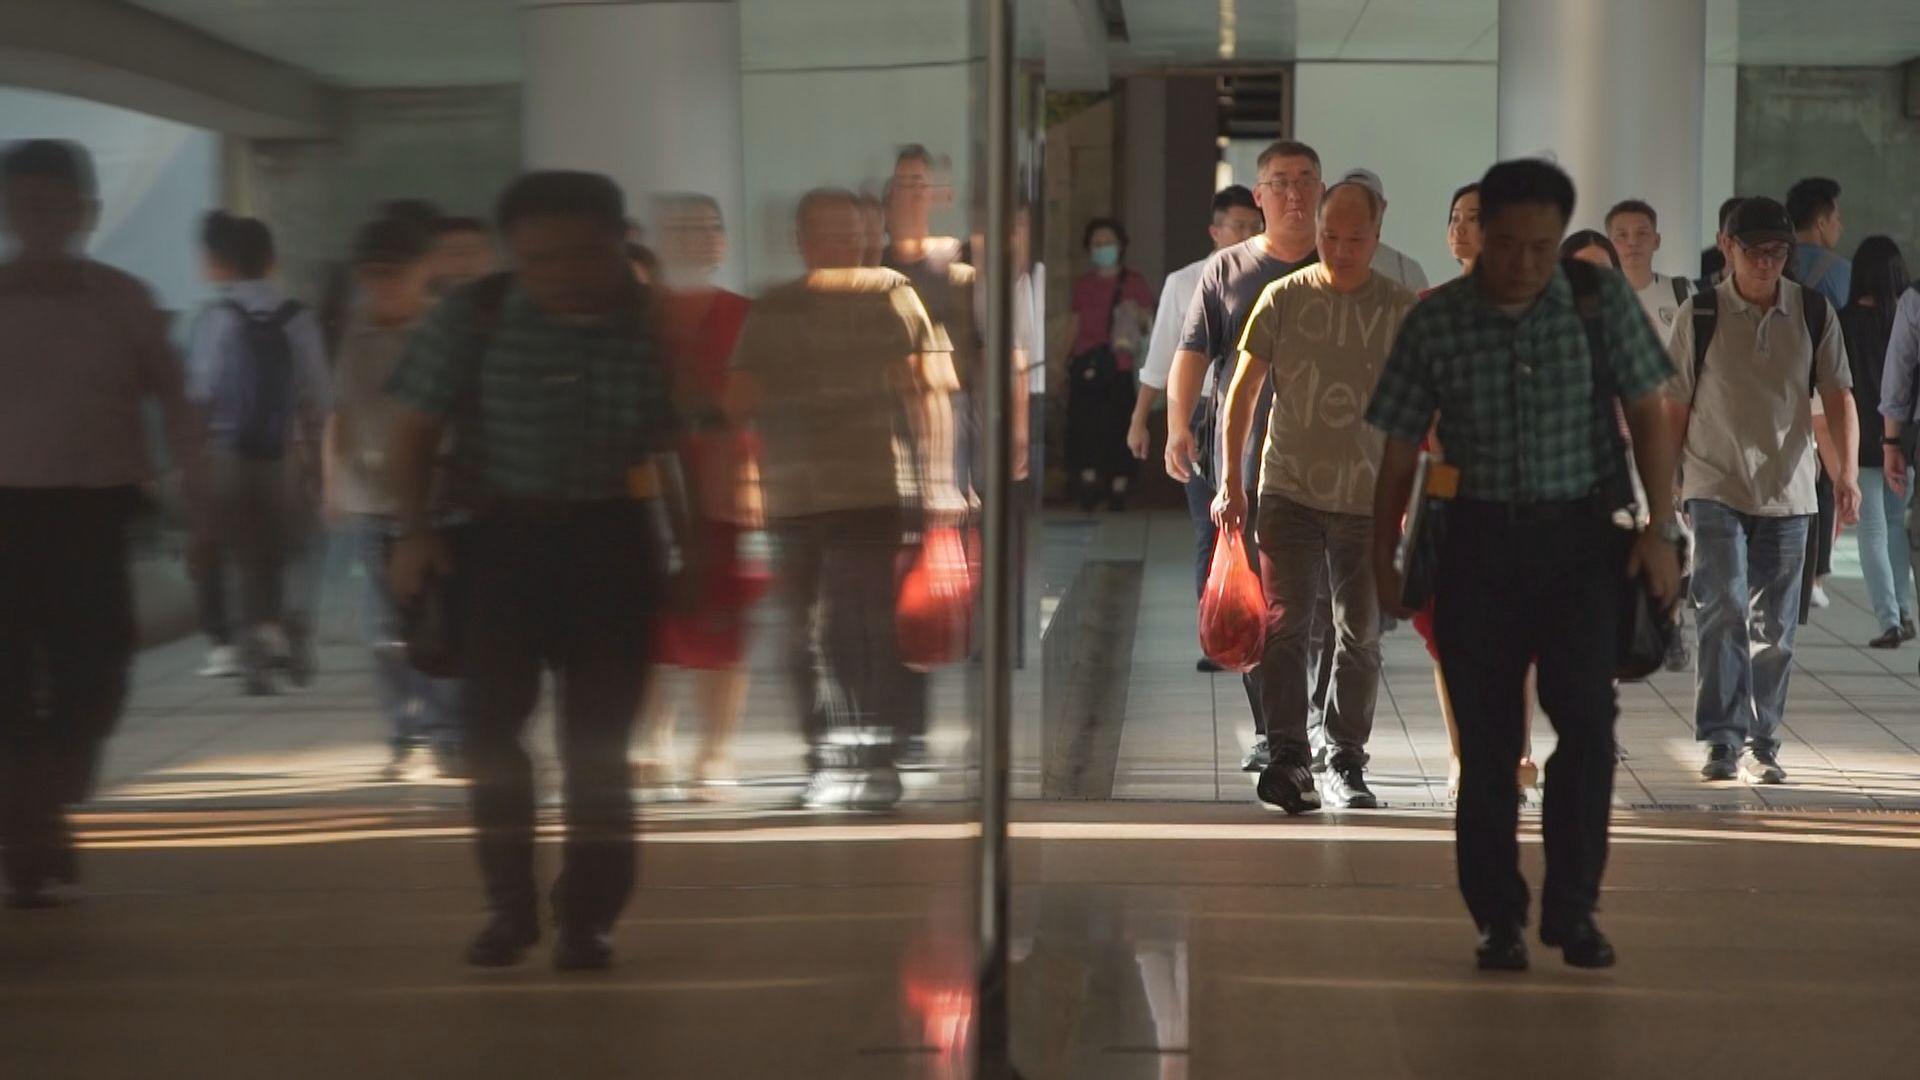 陳茂波:修訂逃犯條例不影響本港法治